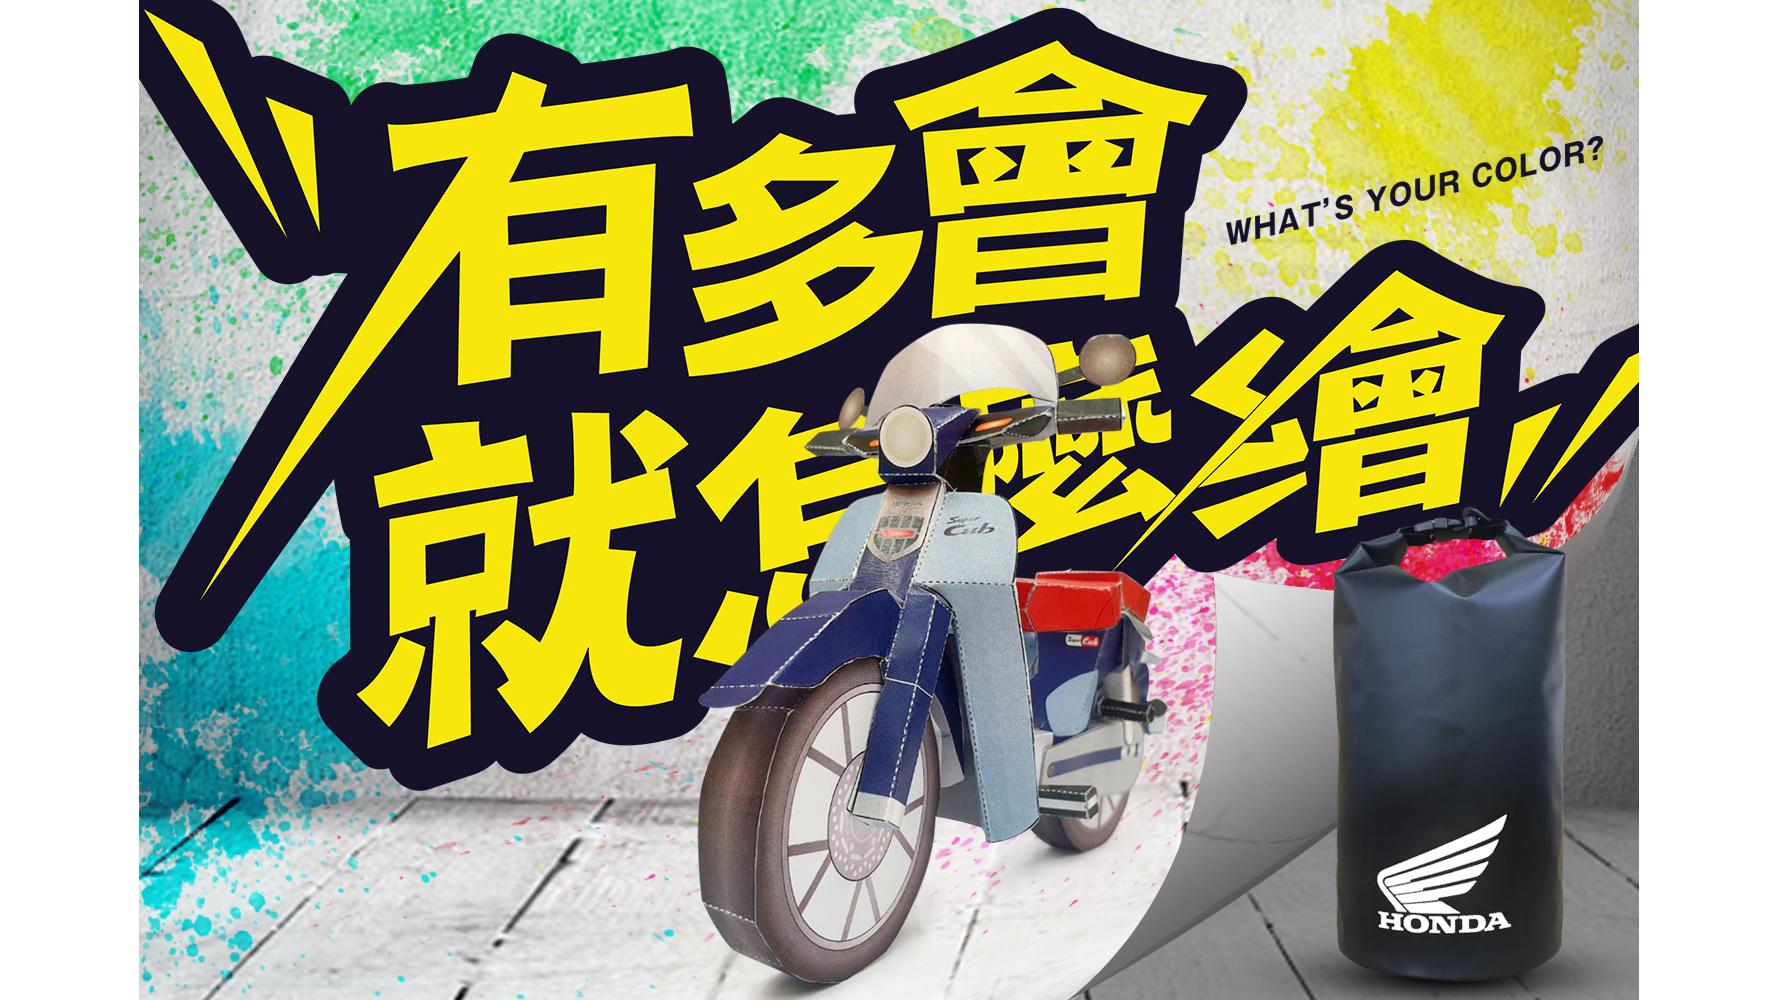 「有多會 就怎麼繪」Honda Motorcycle Super Cub C125 紙模型創作活動開跑